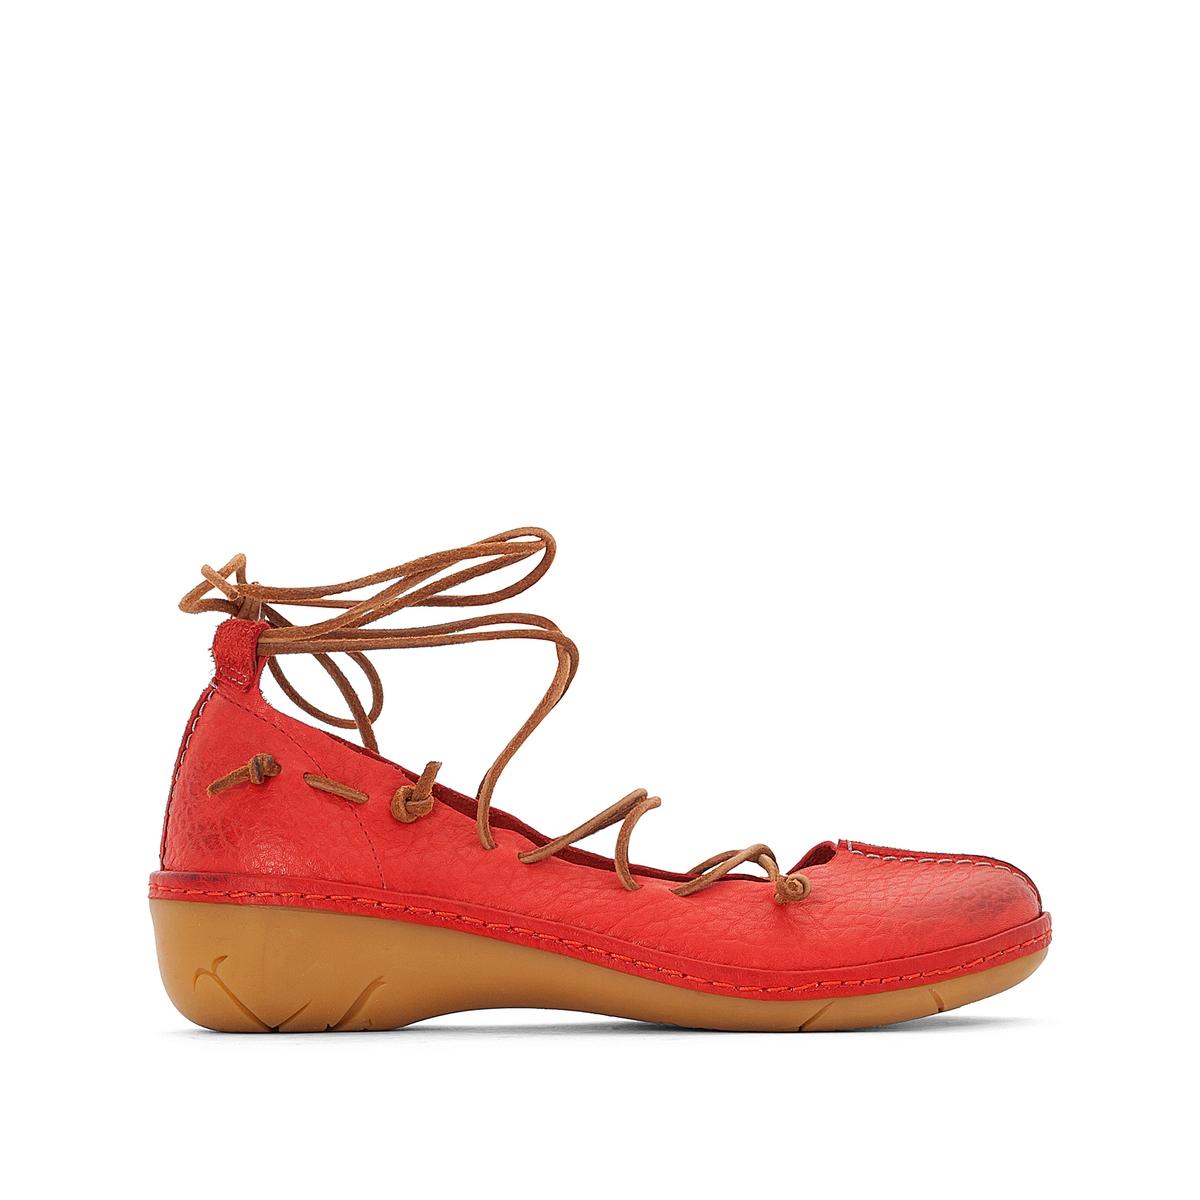 Балетки кожаные на шнуровке NapeaВерх / Голенище: кожа.   Подкладка : кожа.   Стелька : кожа.   Подошва : резина   Высота каблука : 3 см   Форма каблука : плоский каблук   Мысок : закругленный   Застежка : шнуровка<br><br>Цвет: красный<br>Размер: 38.41